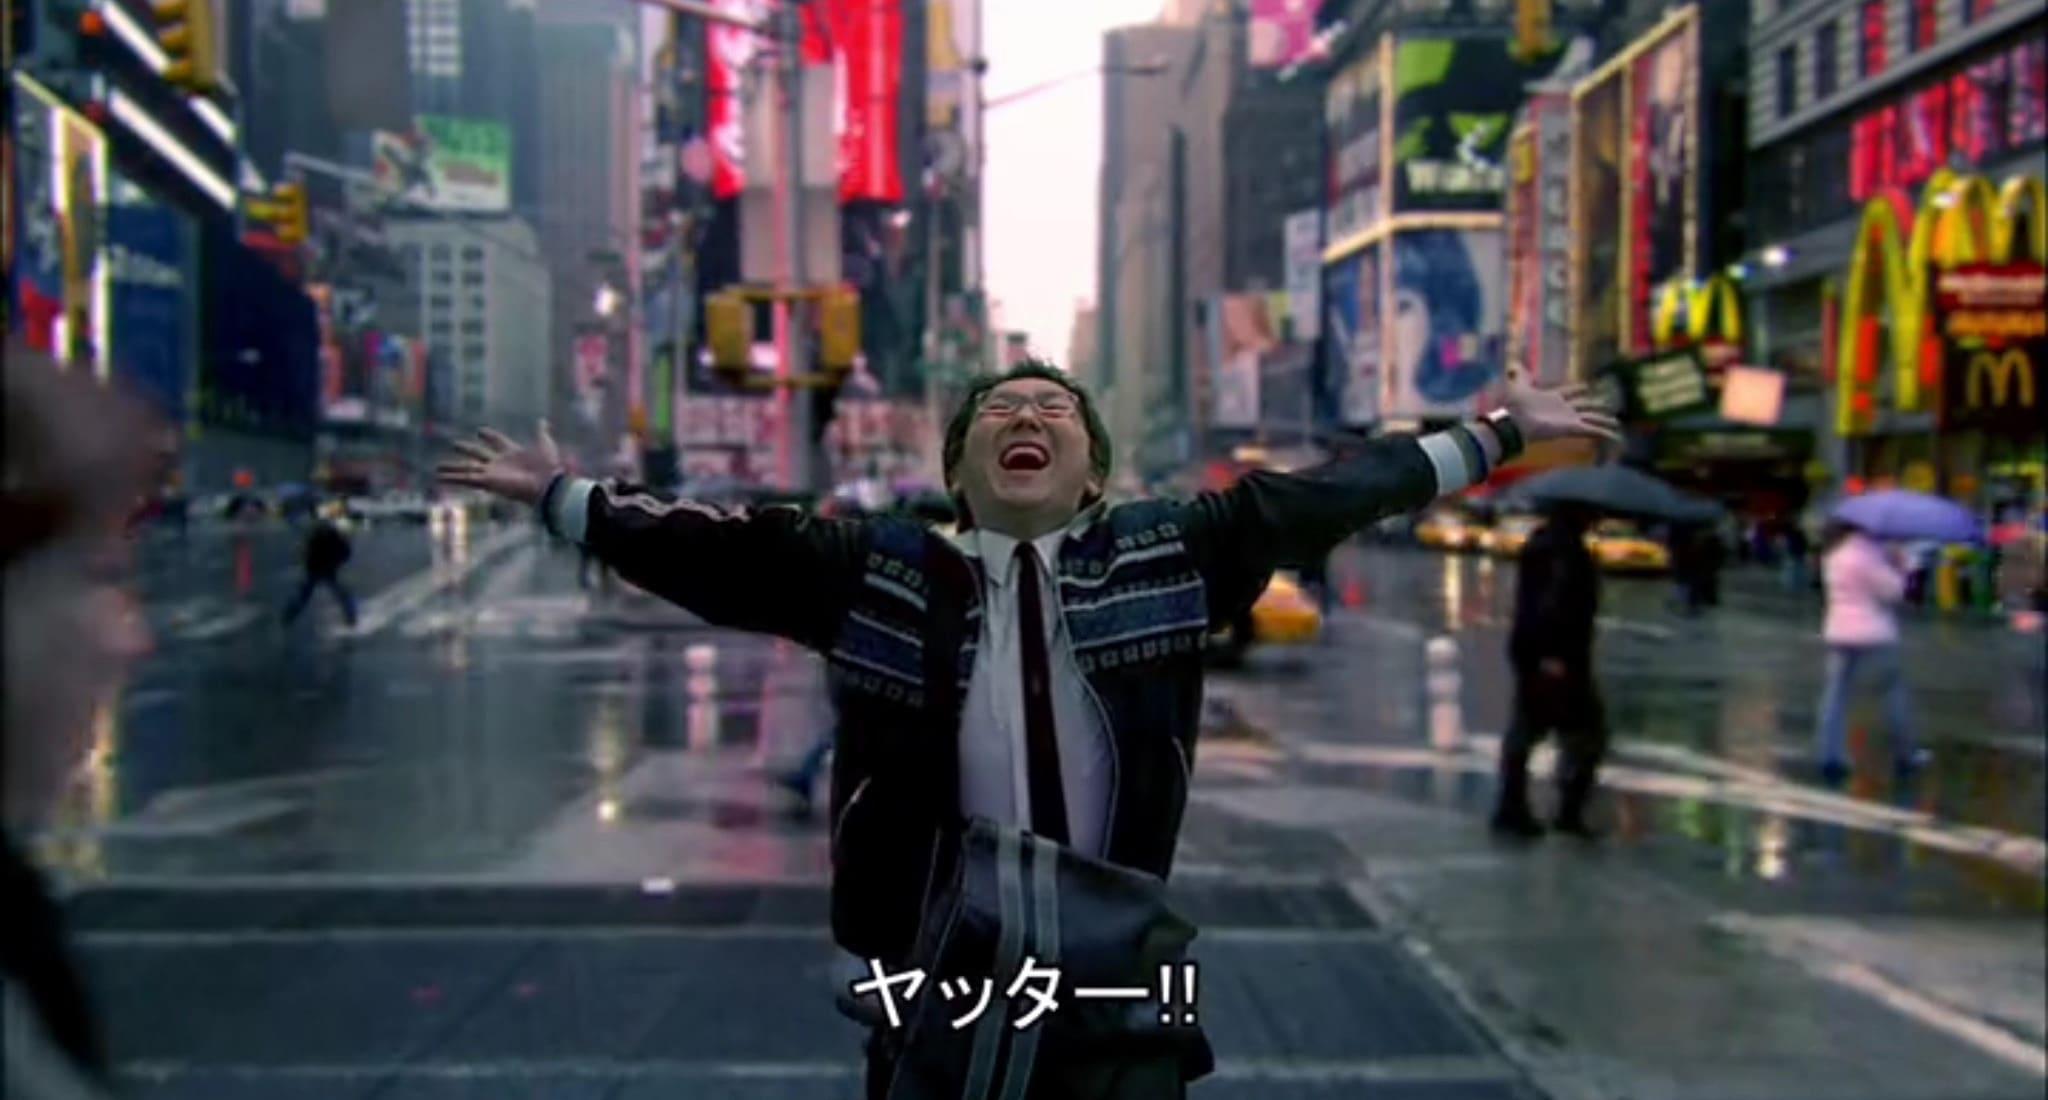 ヒロ・ナカムラ ©NBC Universal Television Studio